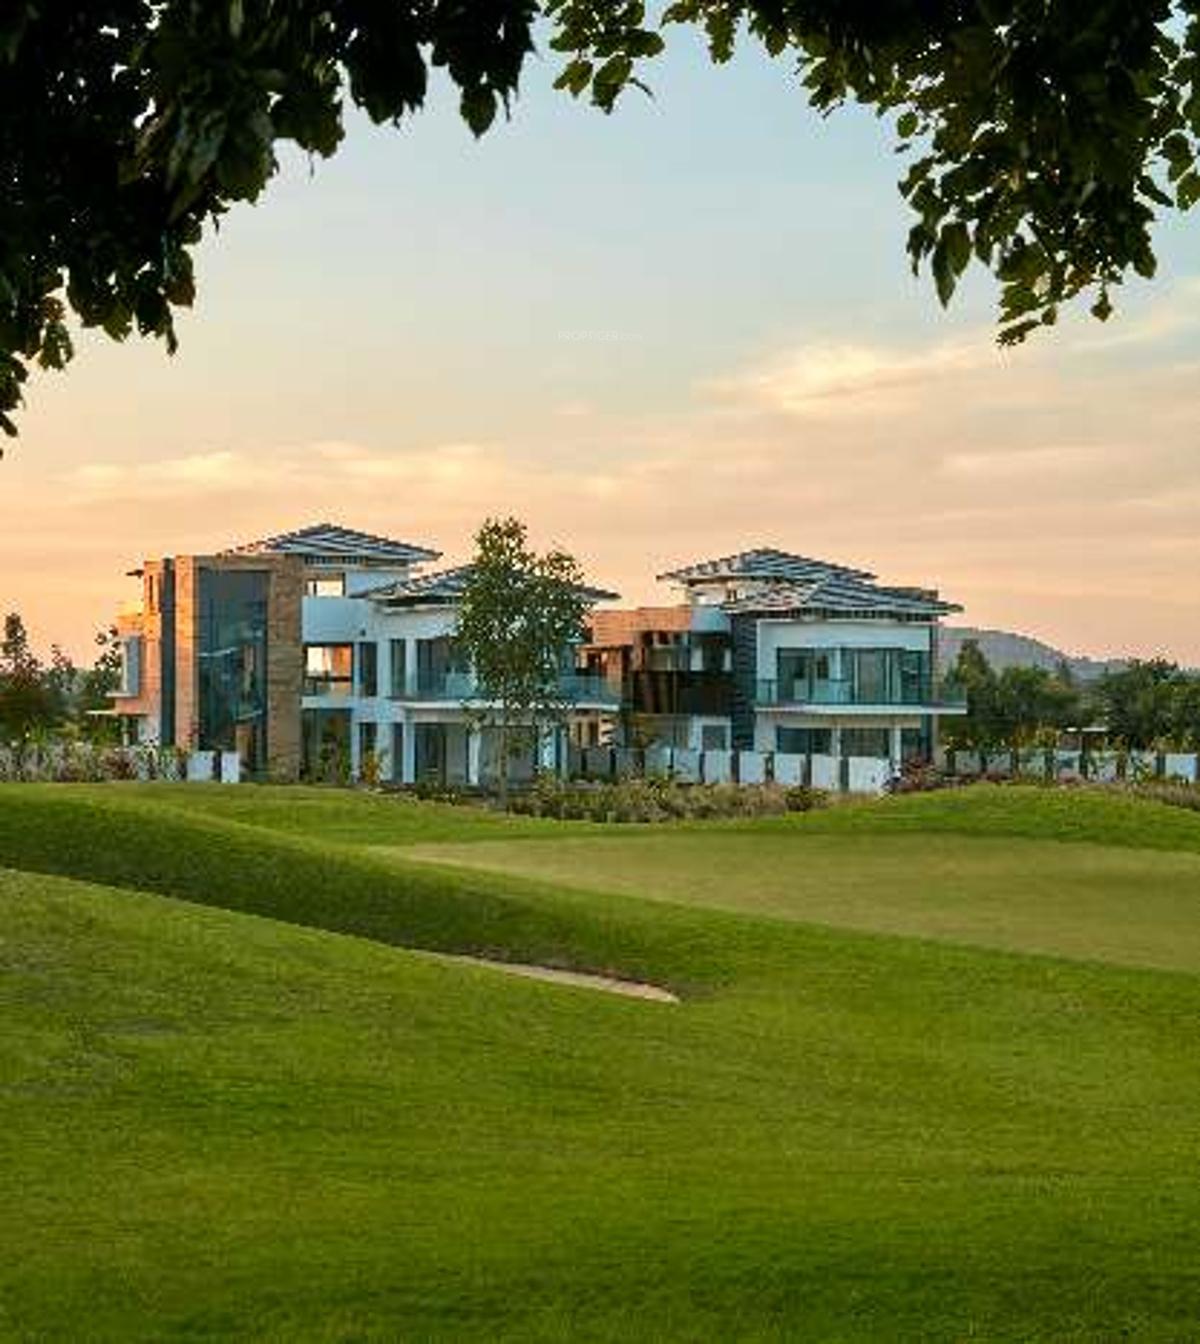 Kitchen Garden Bangalore: Prestige Golfshire In Devanahalli, Bangalore